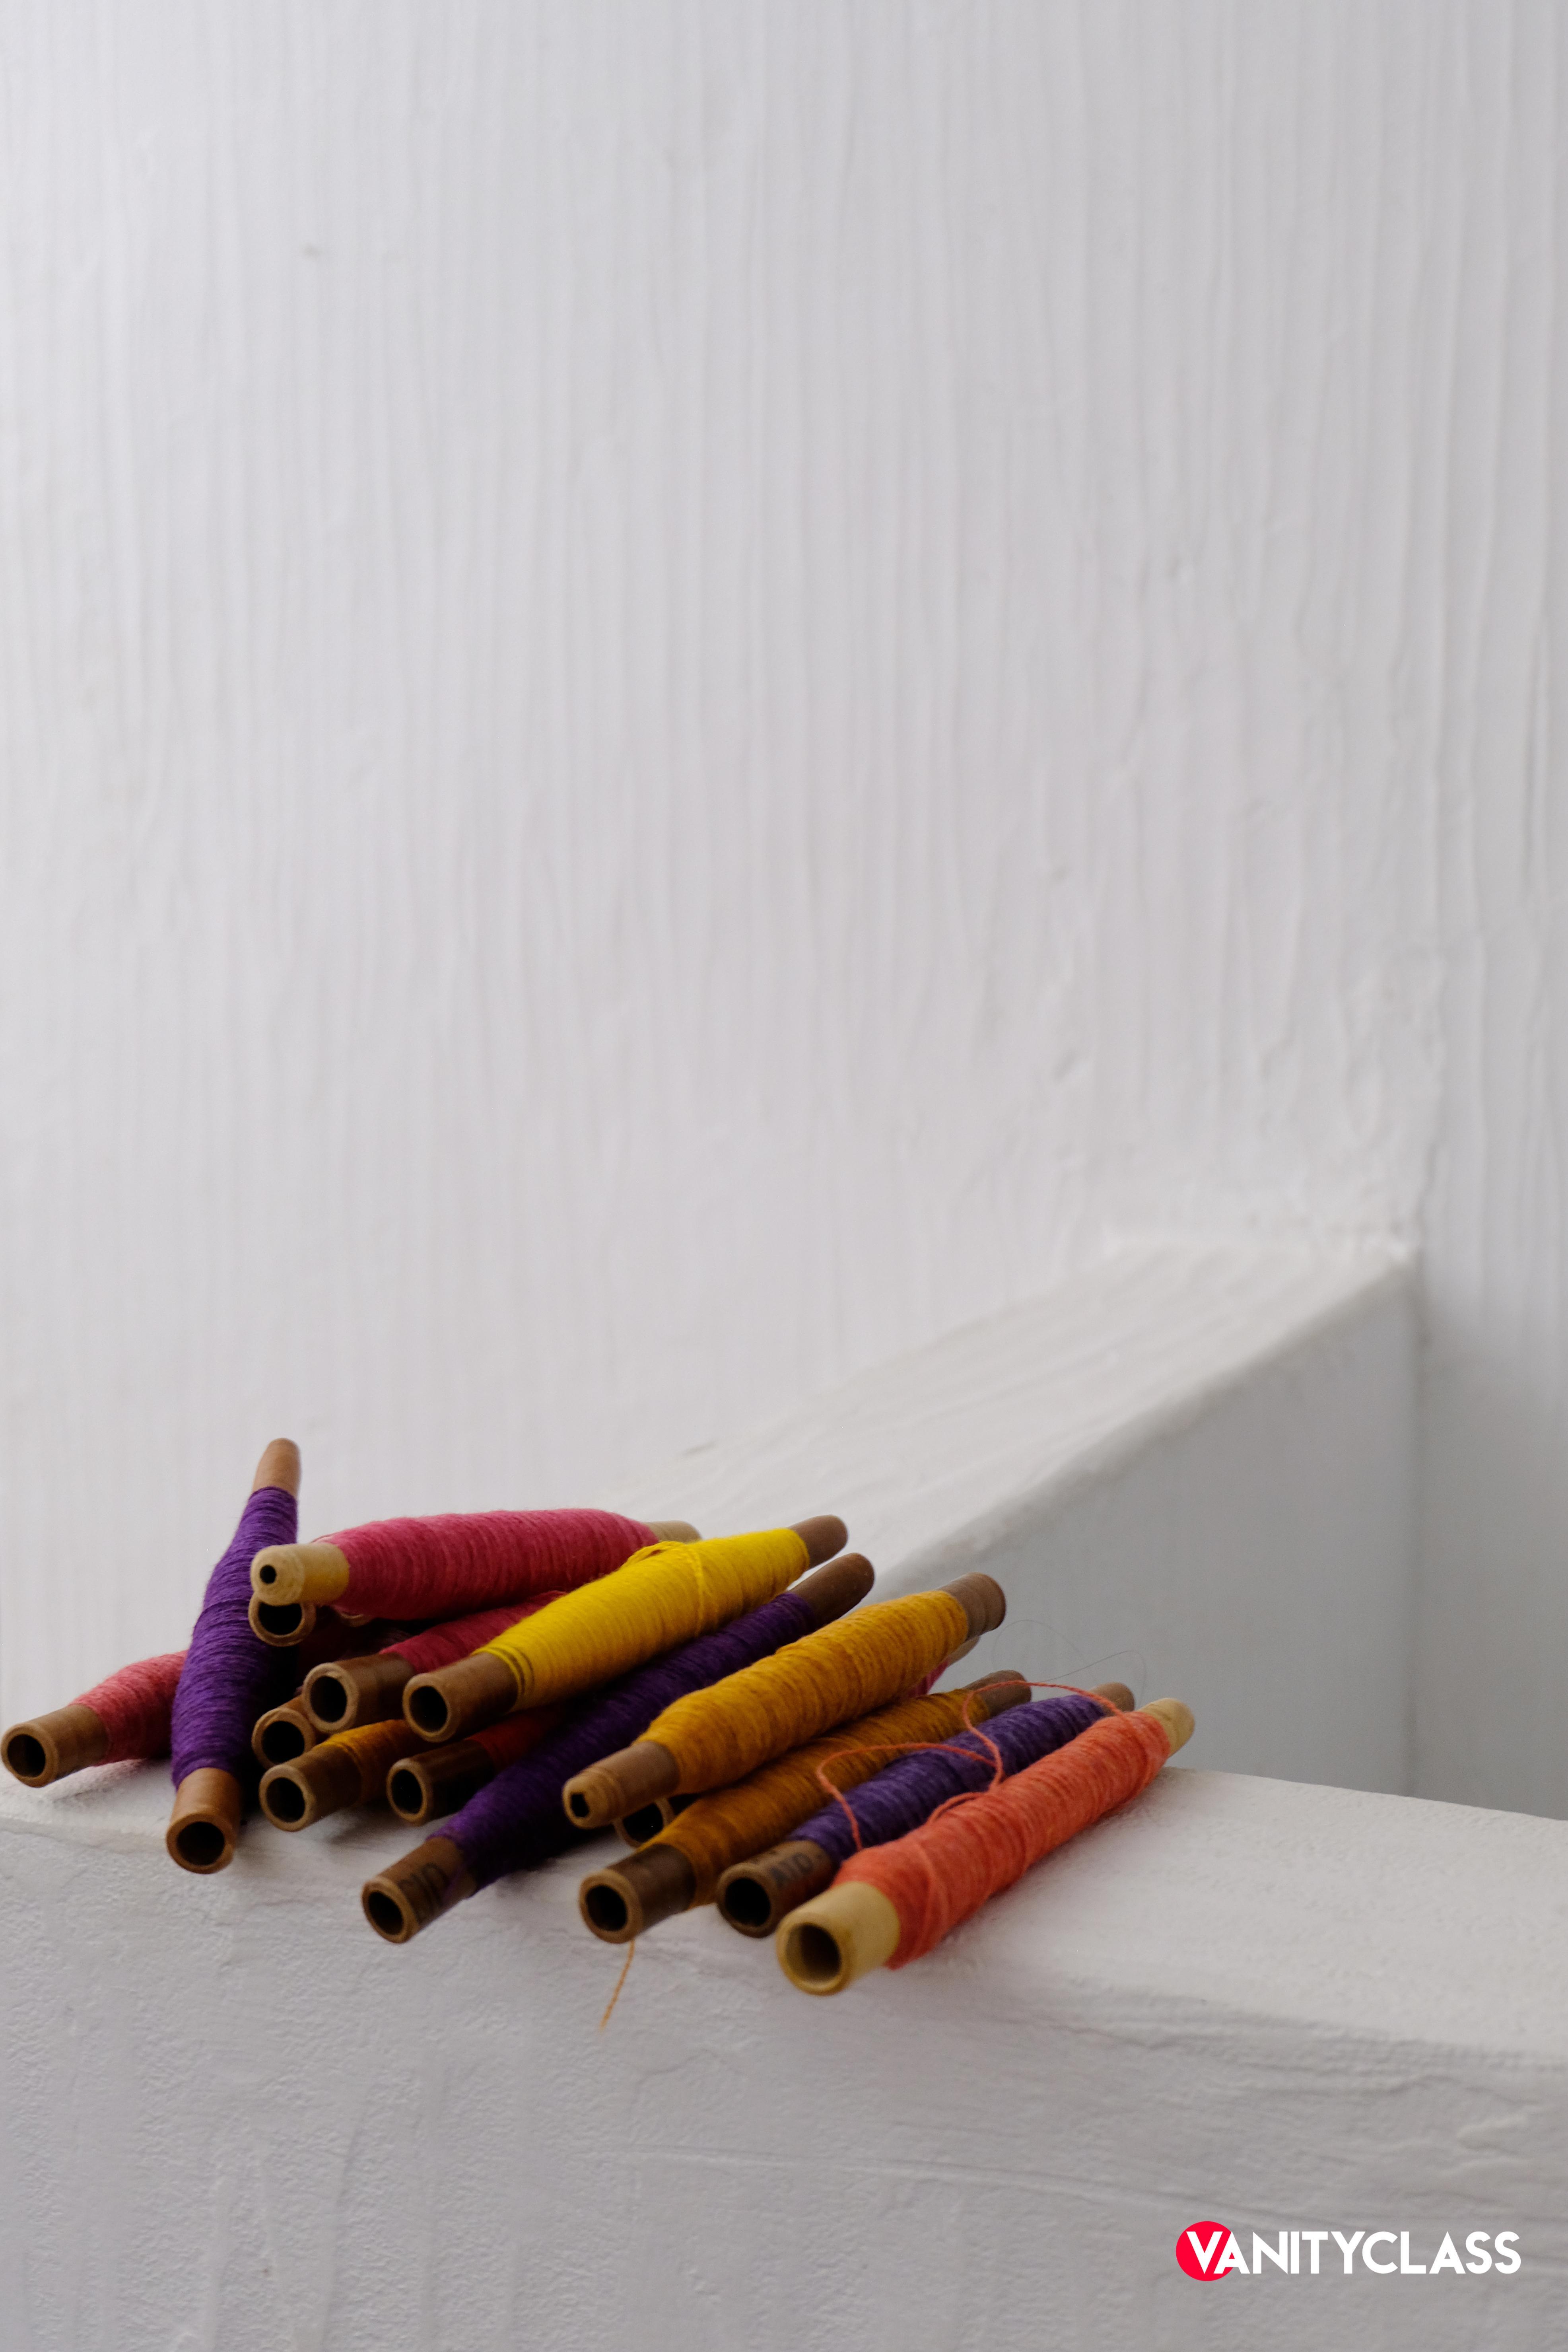 Farella Capri, tradizione e innovazione nell'artigianato tessile